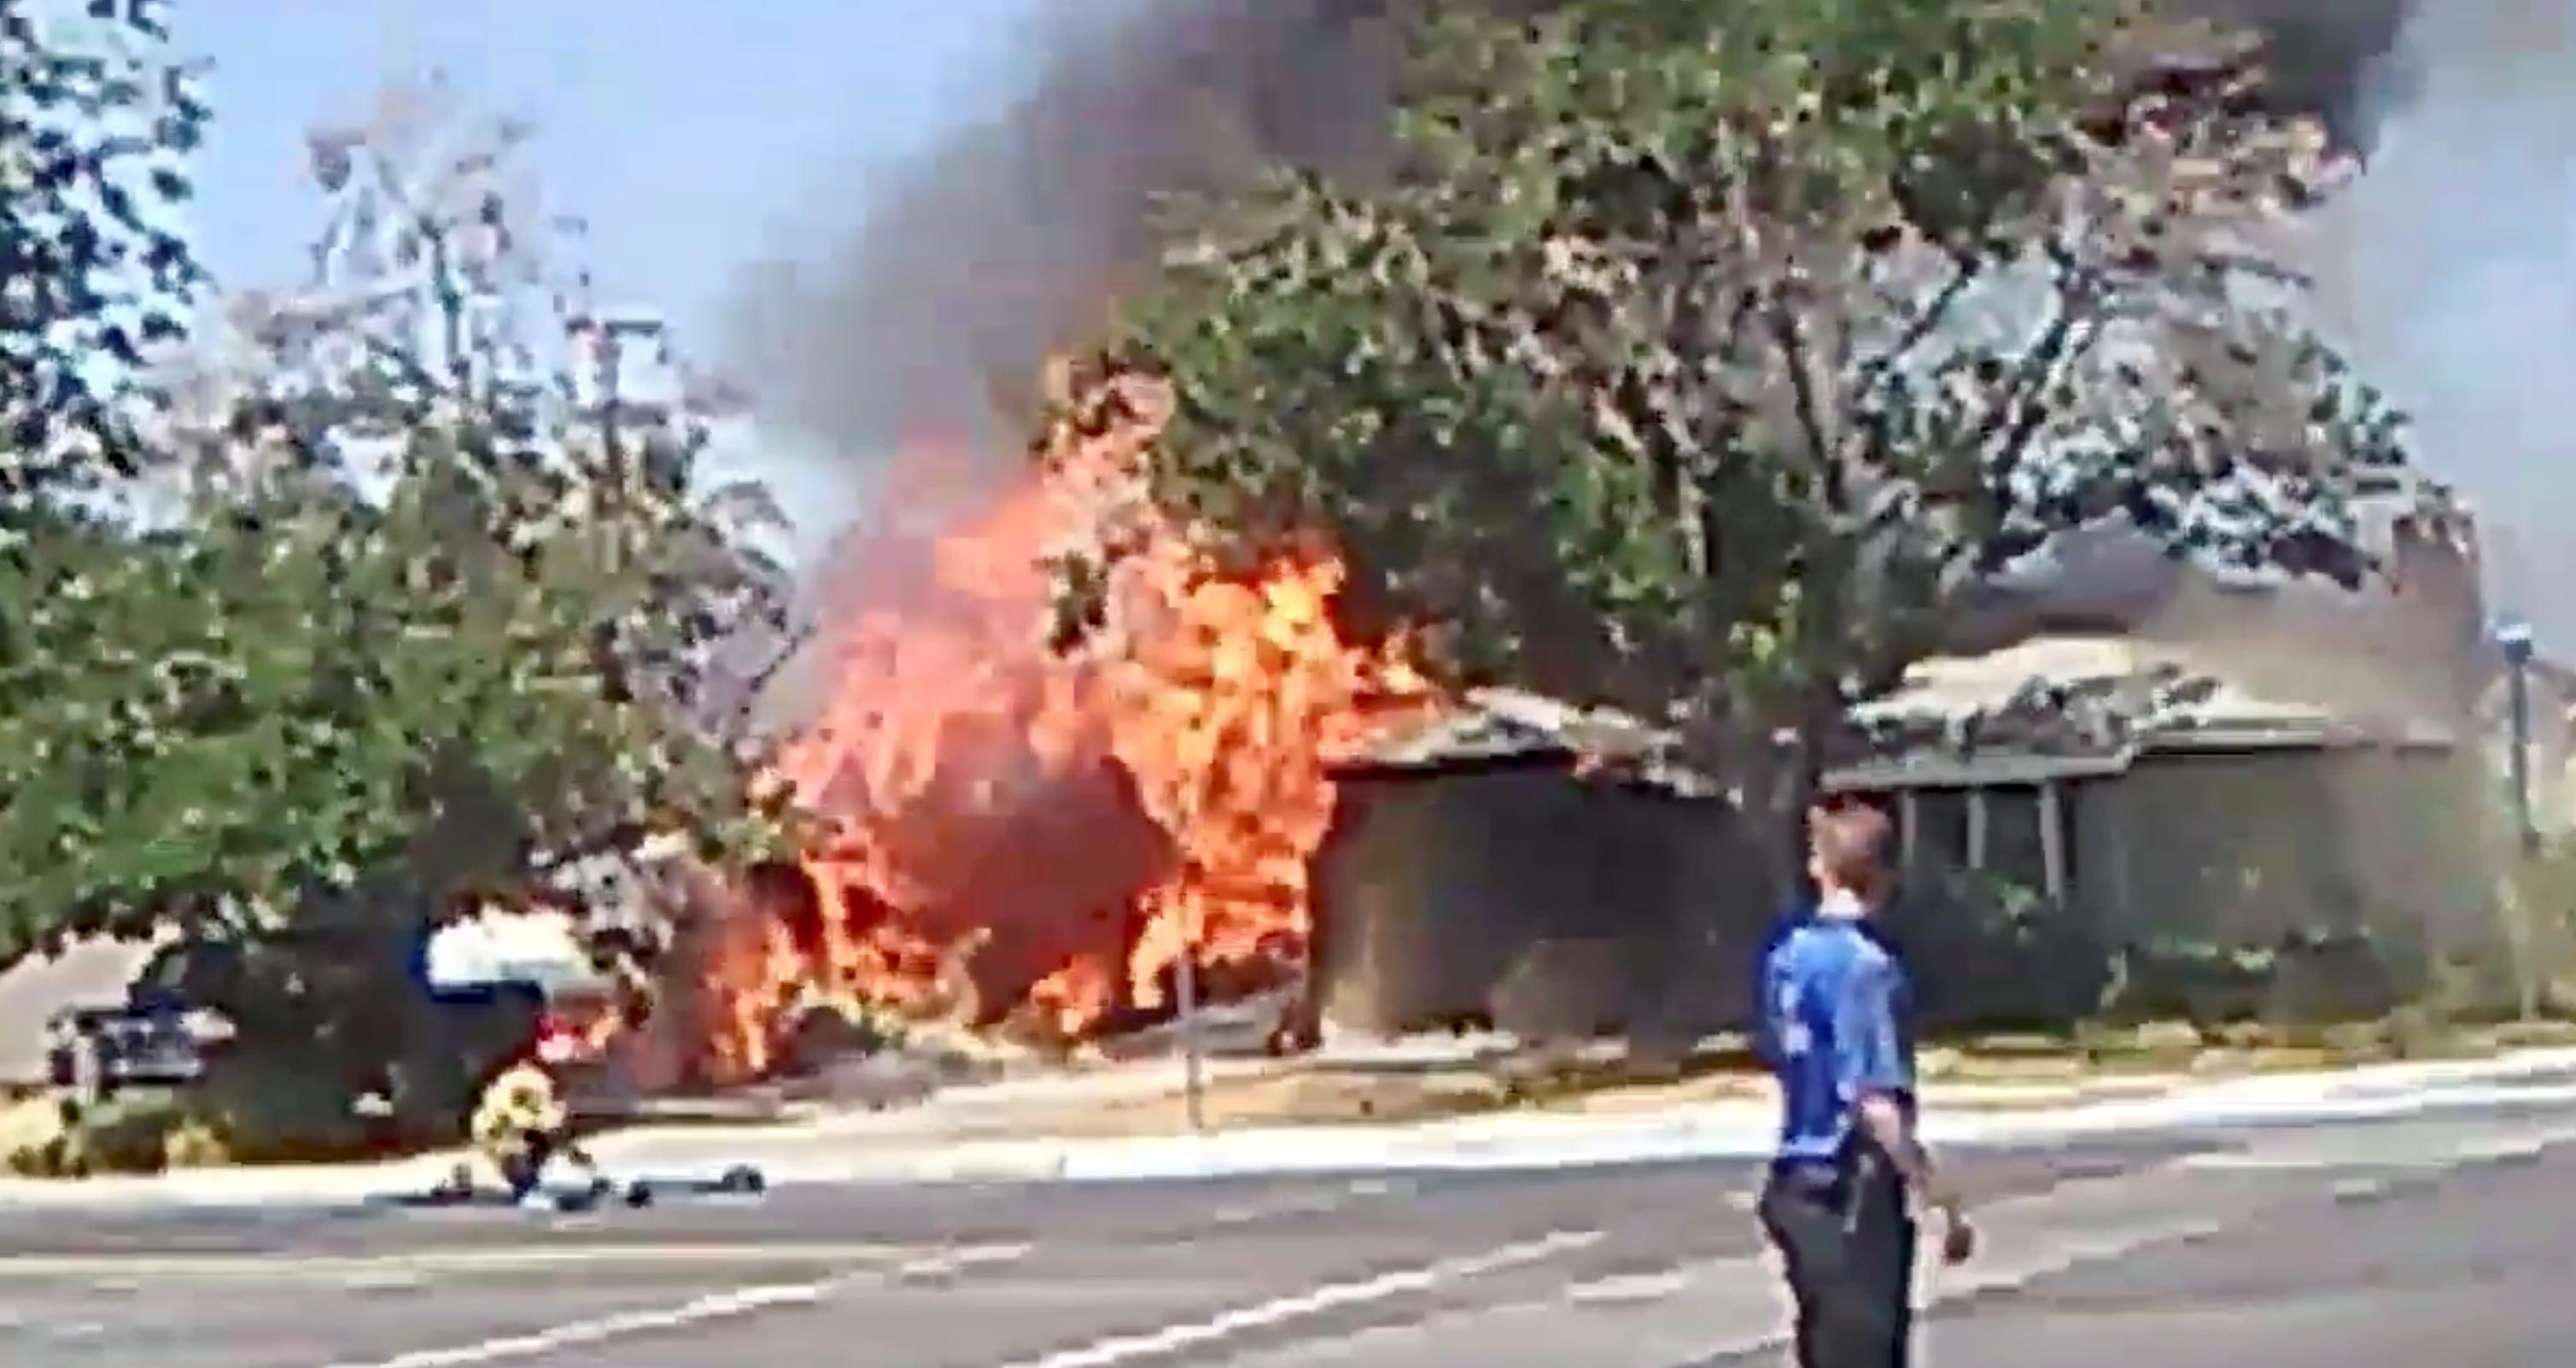 Un séisme grave sévit dans le sud de la Californie et fait quelques dégâts au nord-est de Los Angeles